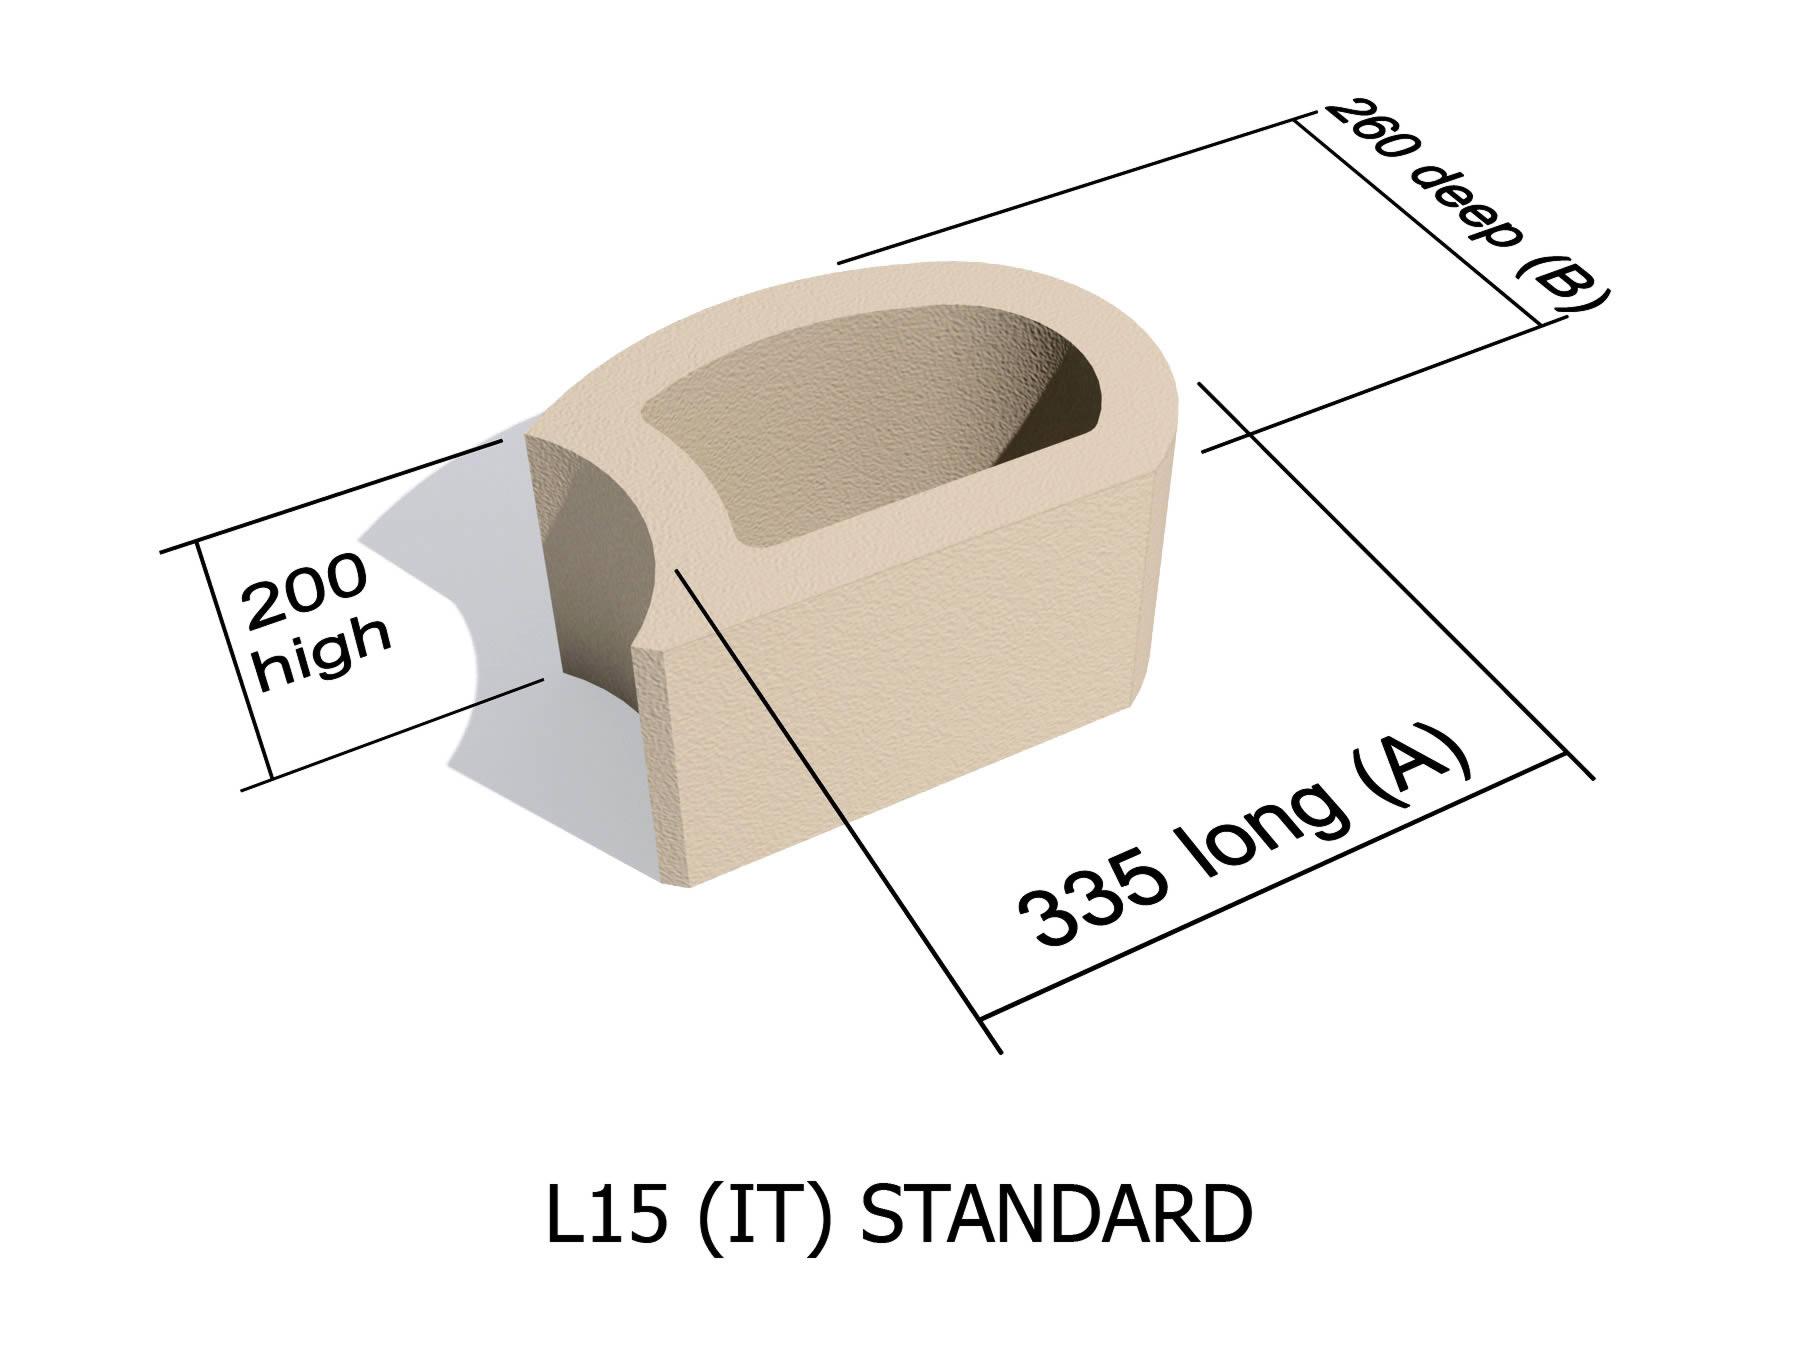 L15 IT Standard